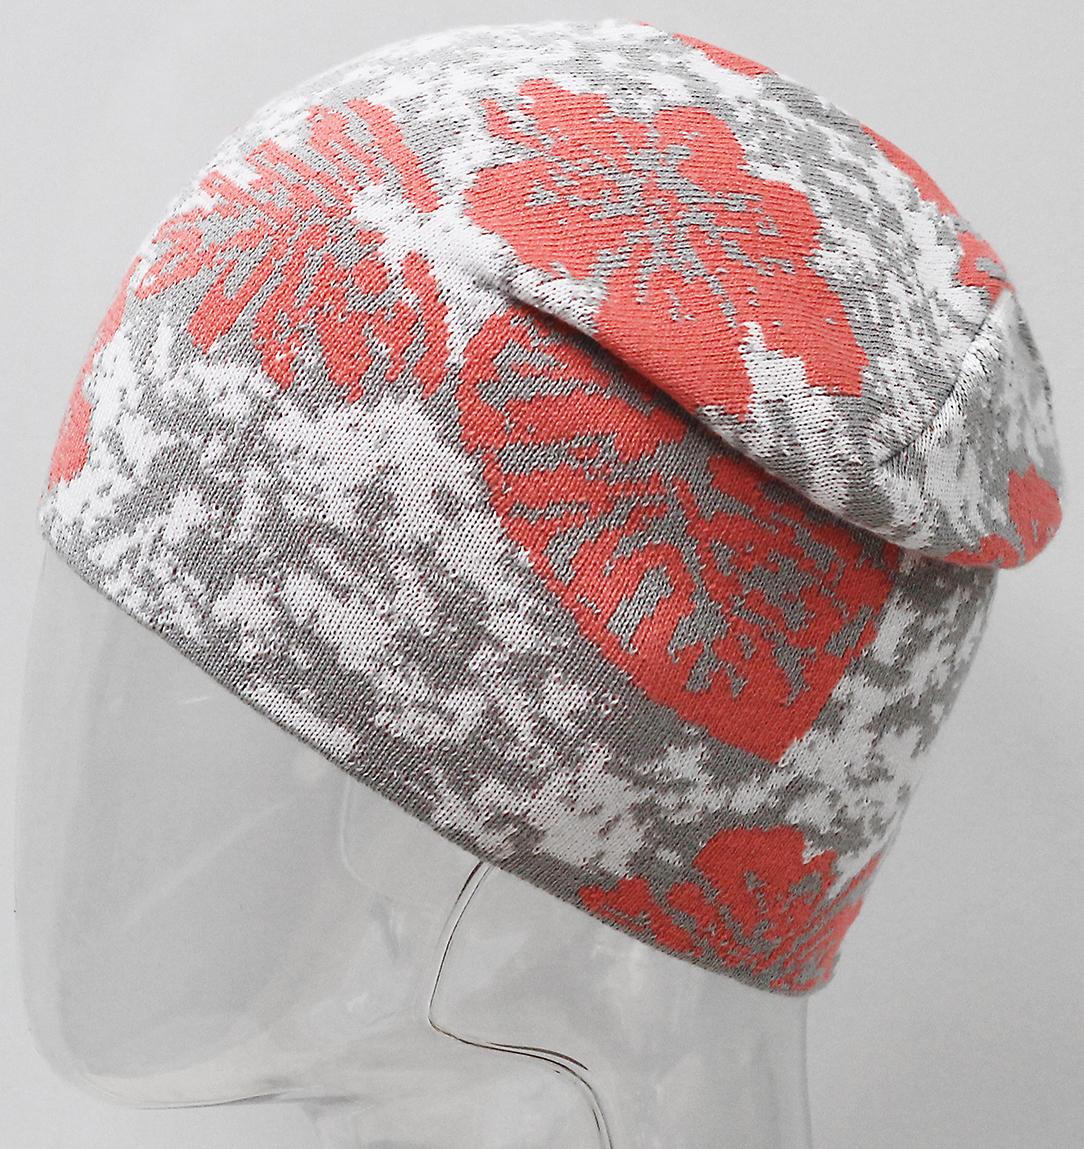 Шапка для девочки Marhatter, цвет: коралловый. MFH7266. Размер 55/56MFH7266Подростковая хлопковая шапка с современным дизайном. Яркое сочетание цветов жаккардового узора дополнит образ современной молодежи. Отлично подойдет для ежедневных прогулок в прохладную погоду. Размер, доступный для заказа, является обхватом головы.